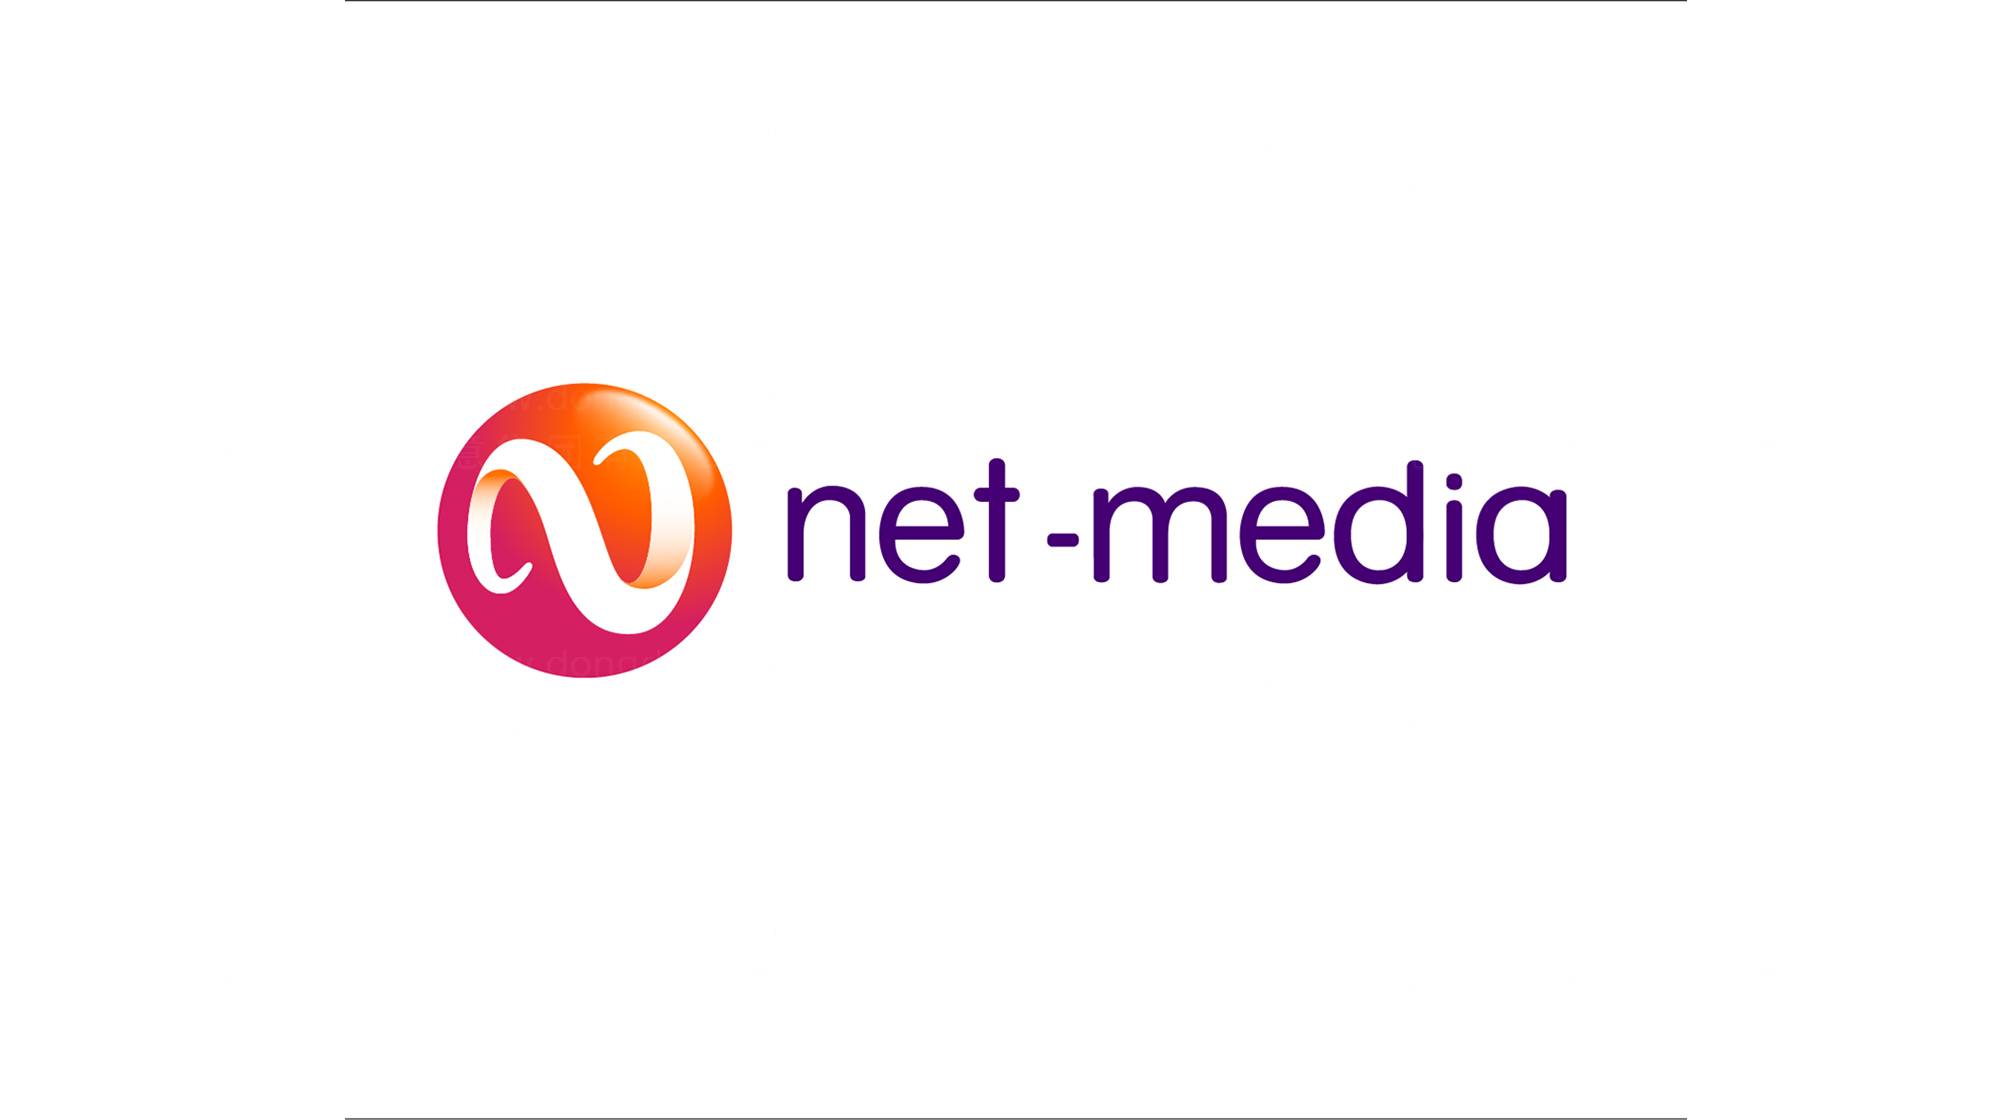 品牌设计网信传媒标志设计应用场景